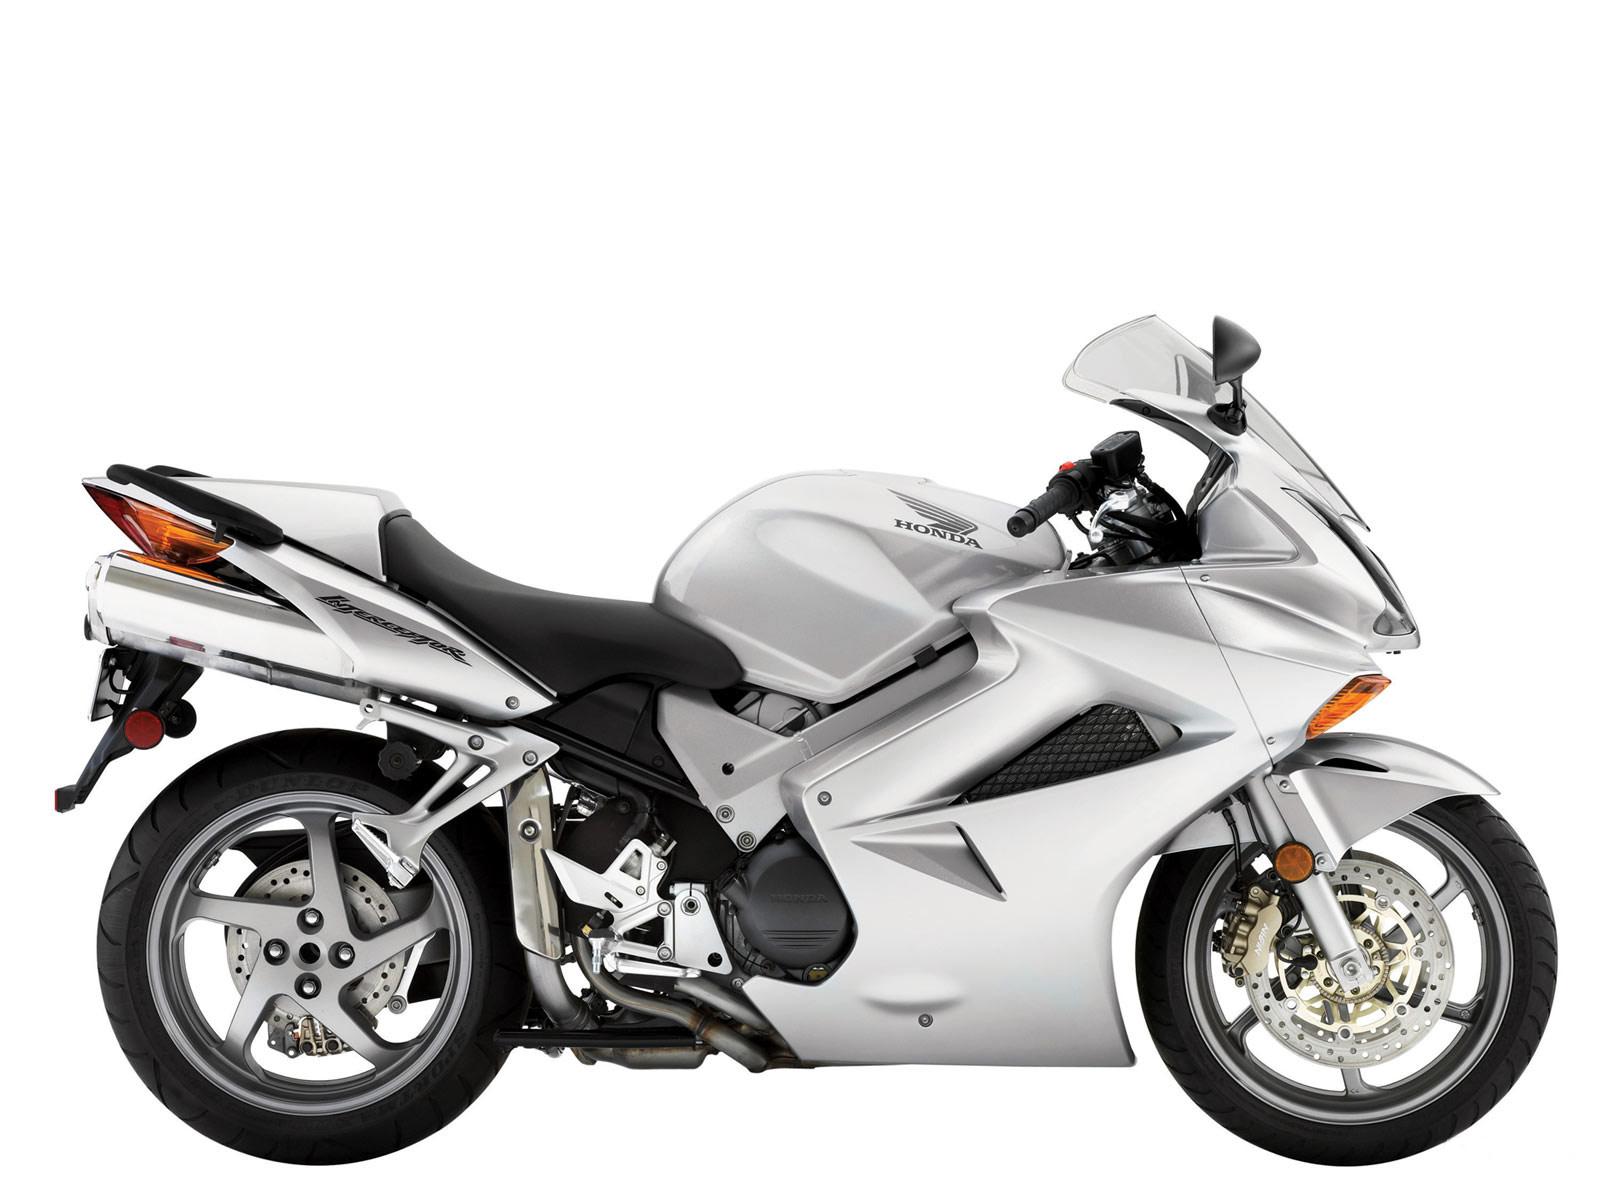 http://3.bp.blogspot.com/-mzKxXMSCeWg/TkOsnvoBDfI/AAAAAAAAAYY/Y0s9JrpKh14/s1600/Honda_ST1300_2005_motorcycle-desktop-wallpaper_2.jpg